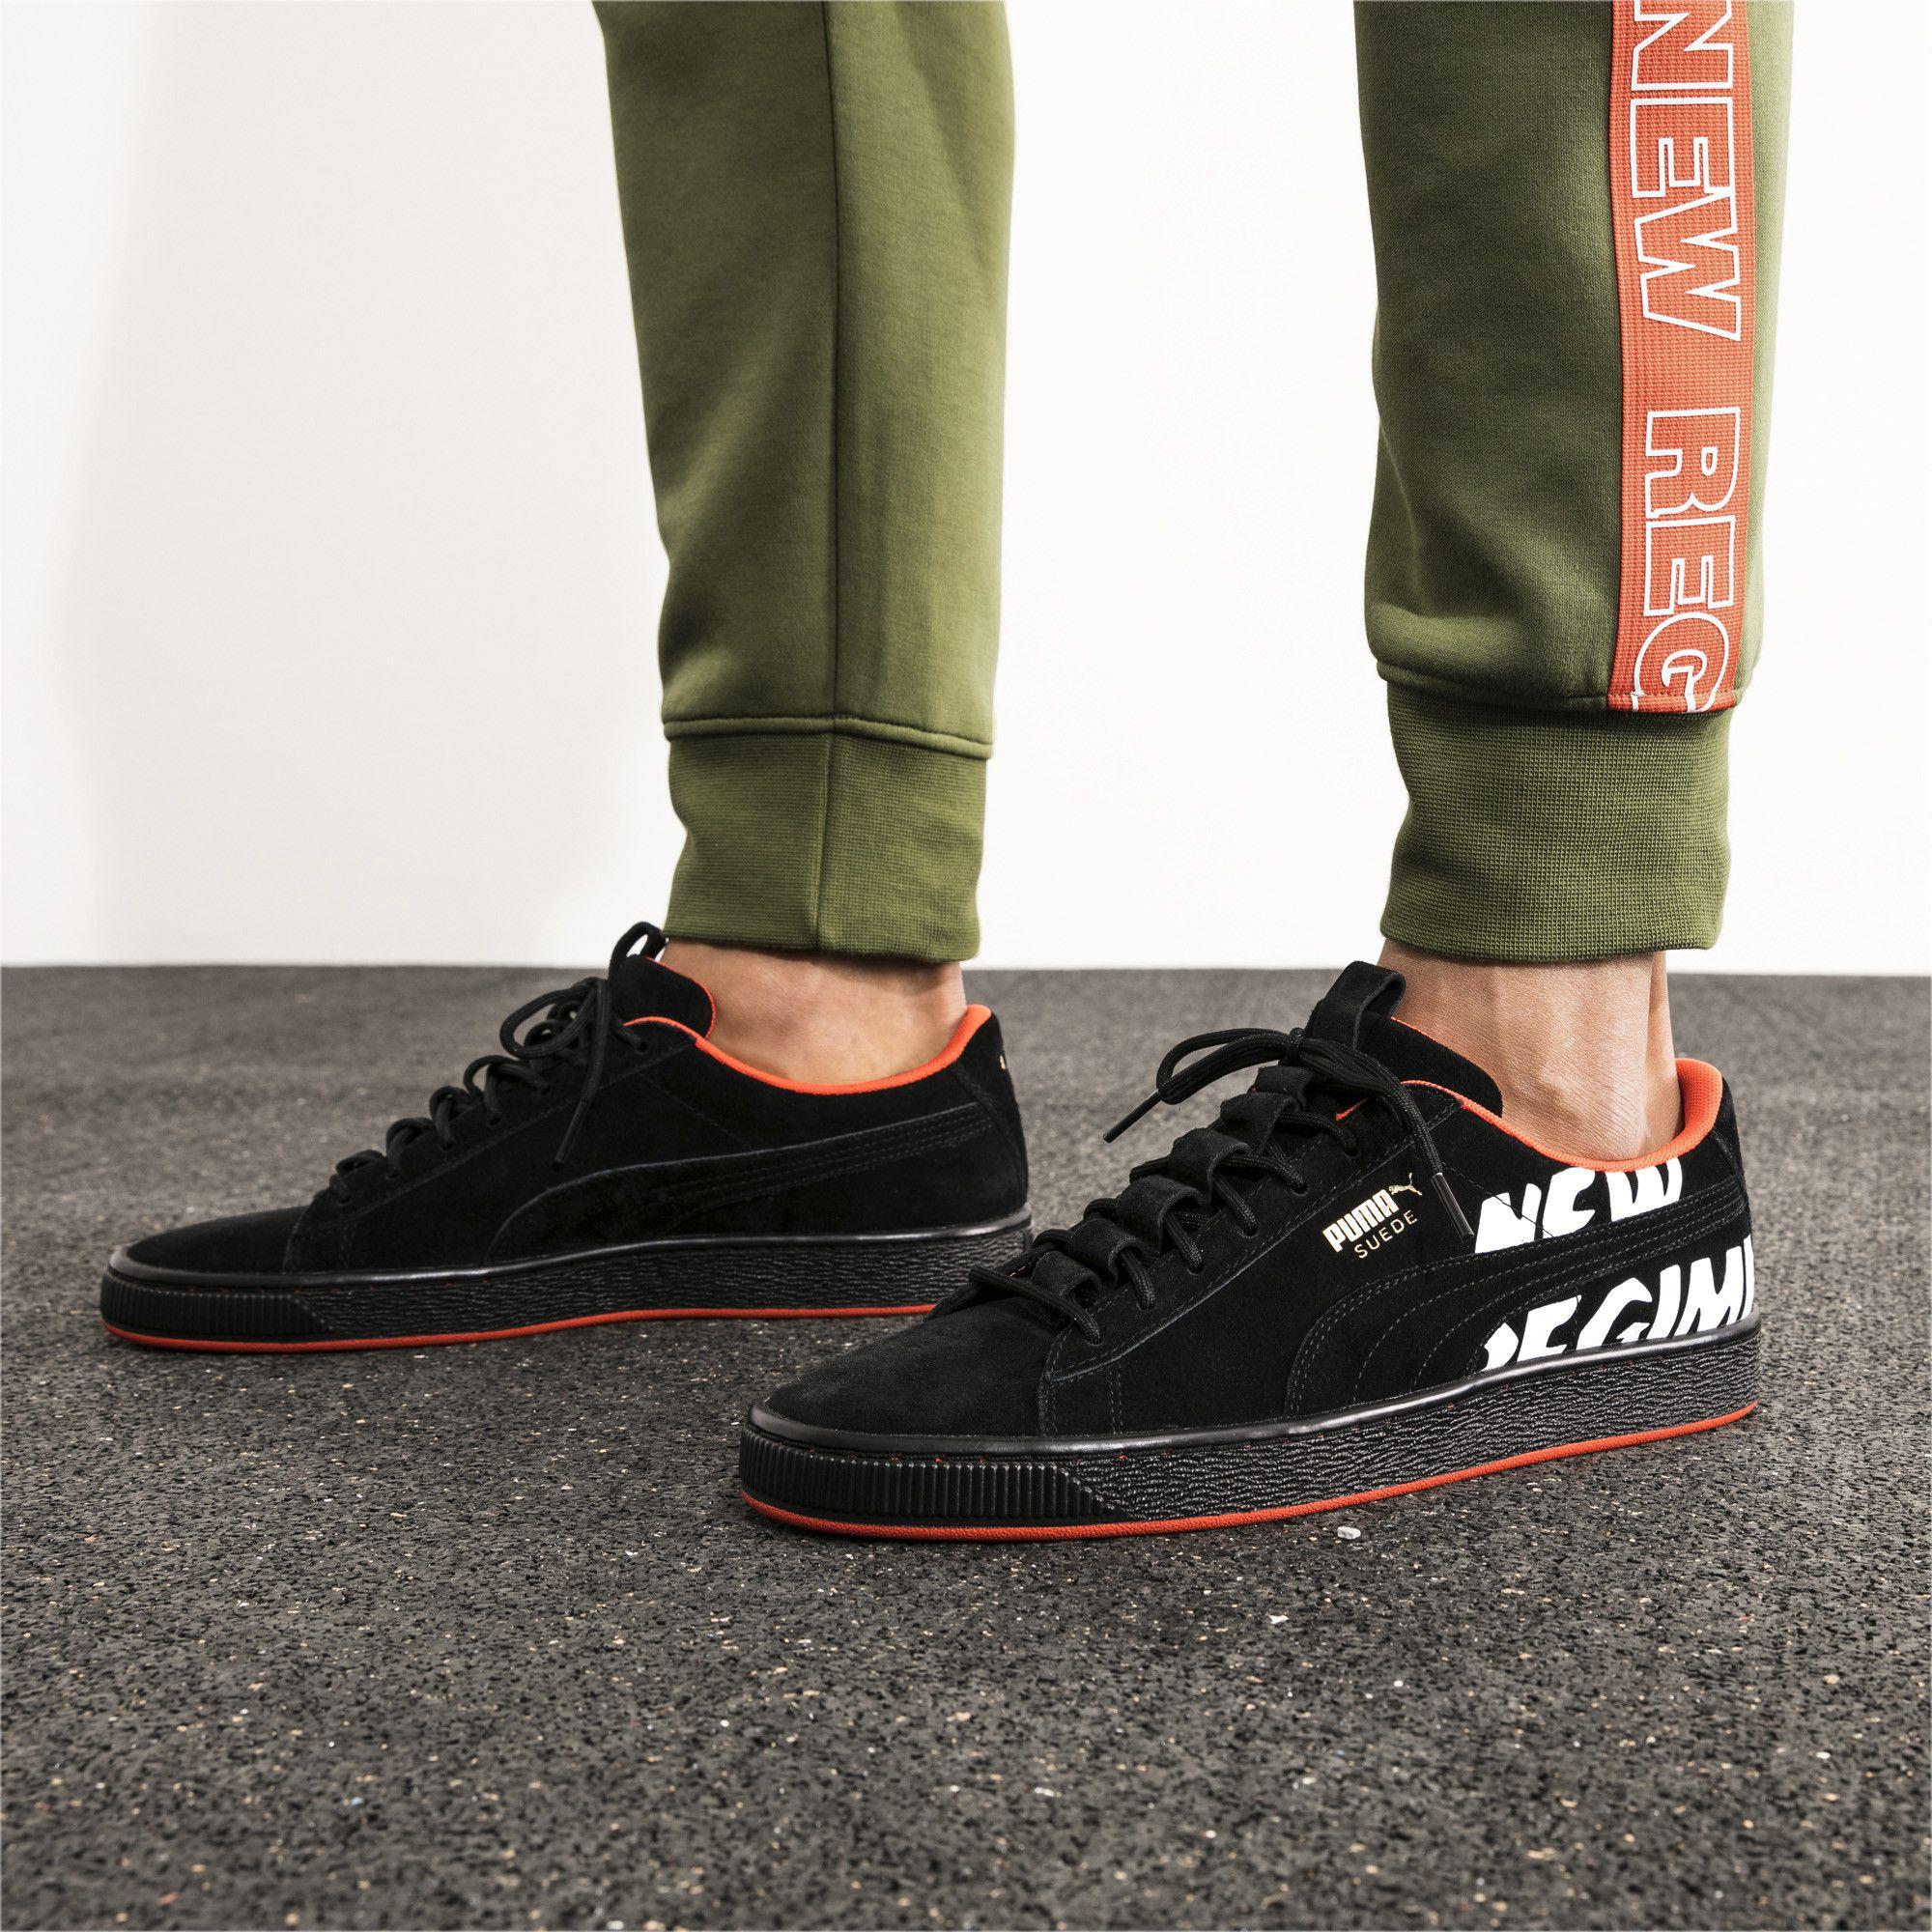 PUMA x ATELIER NEW REGIME Suede Sneakers Scarlet Ibis  Scarlet Ibis